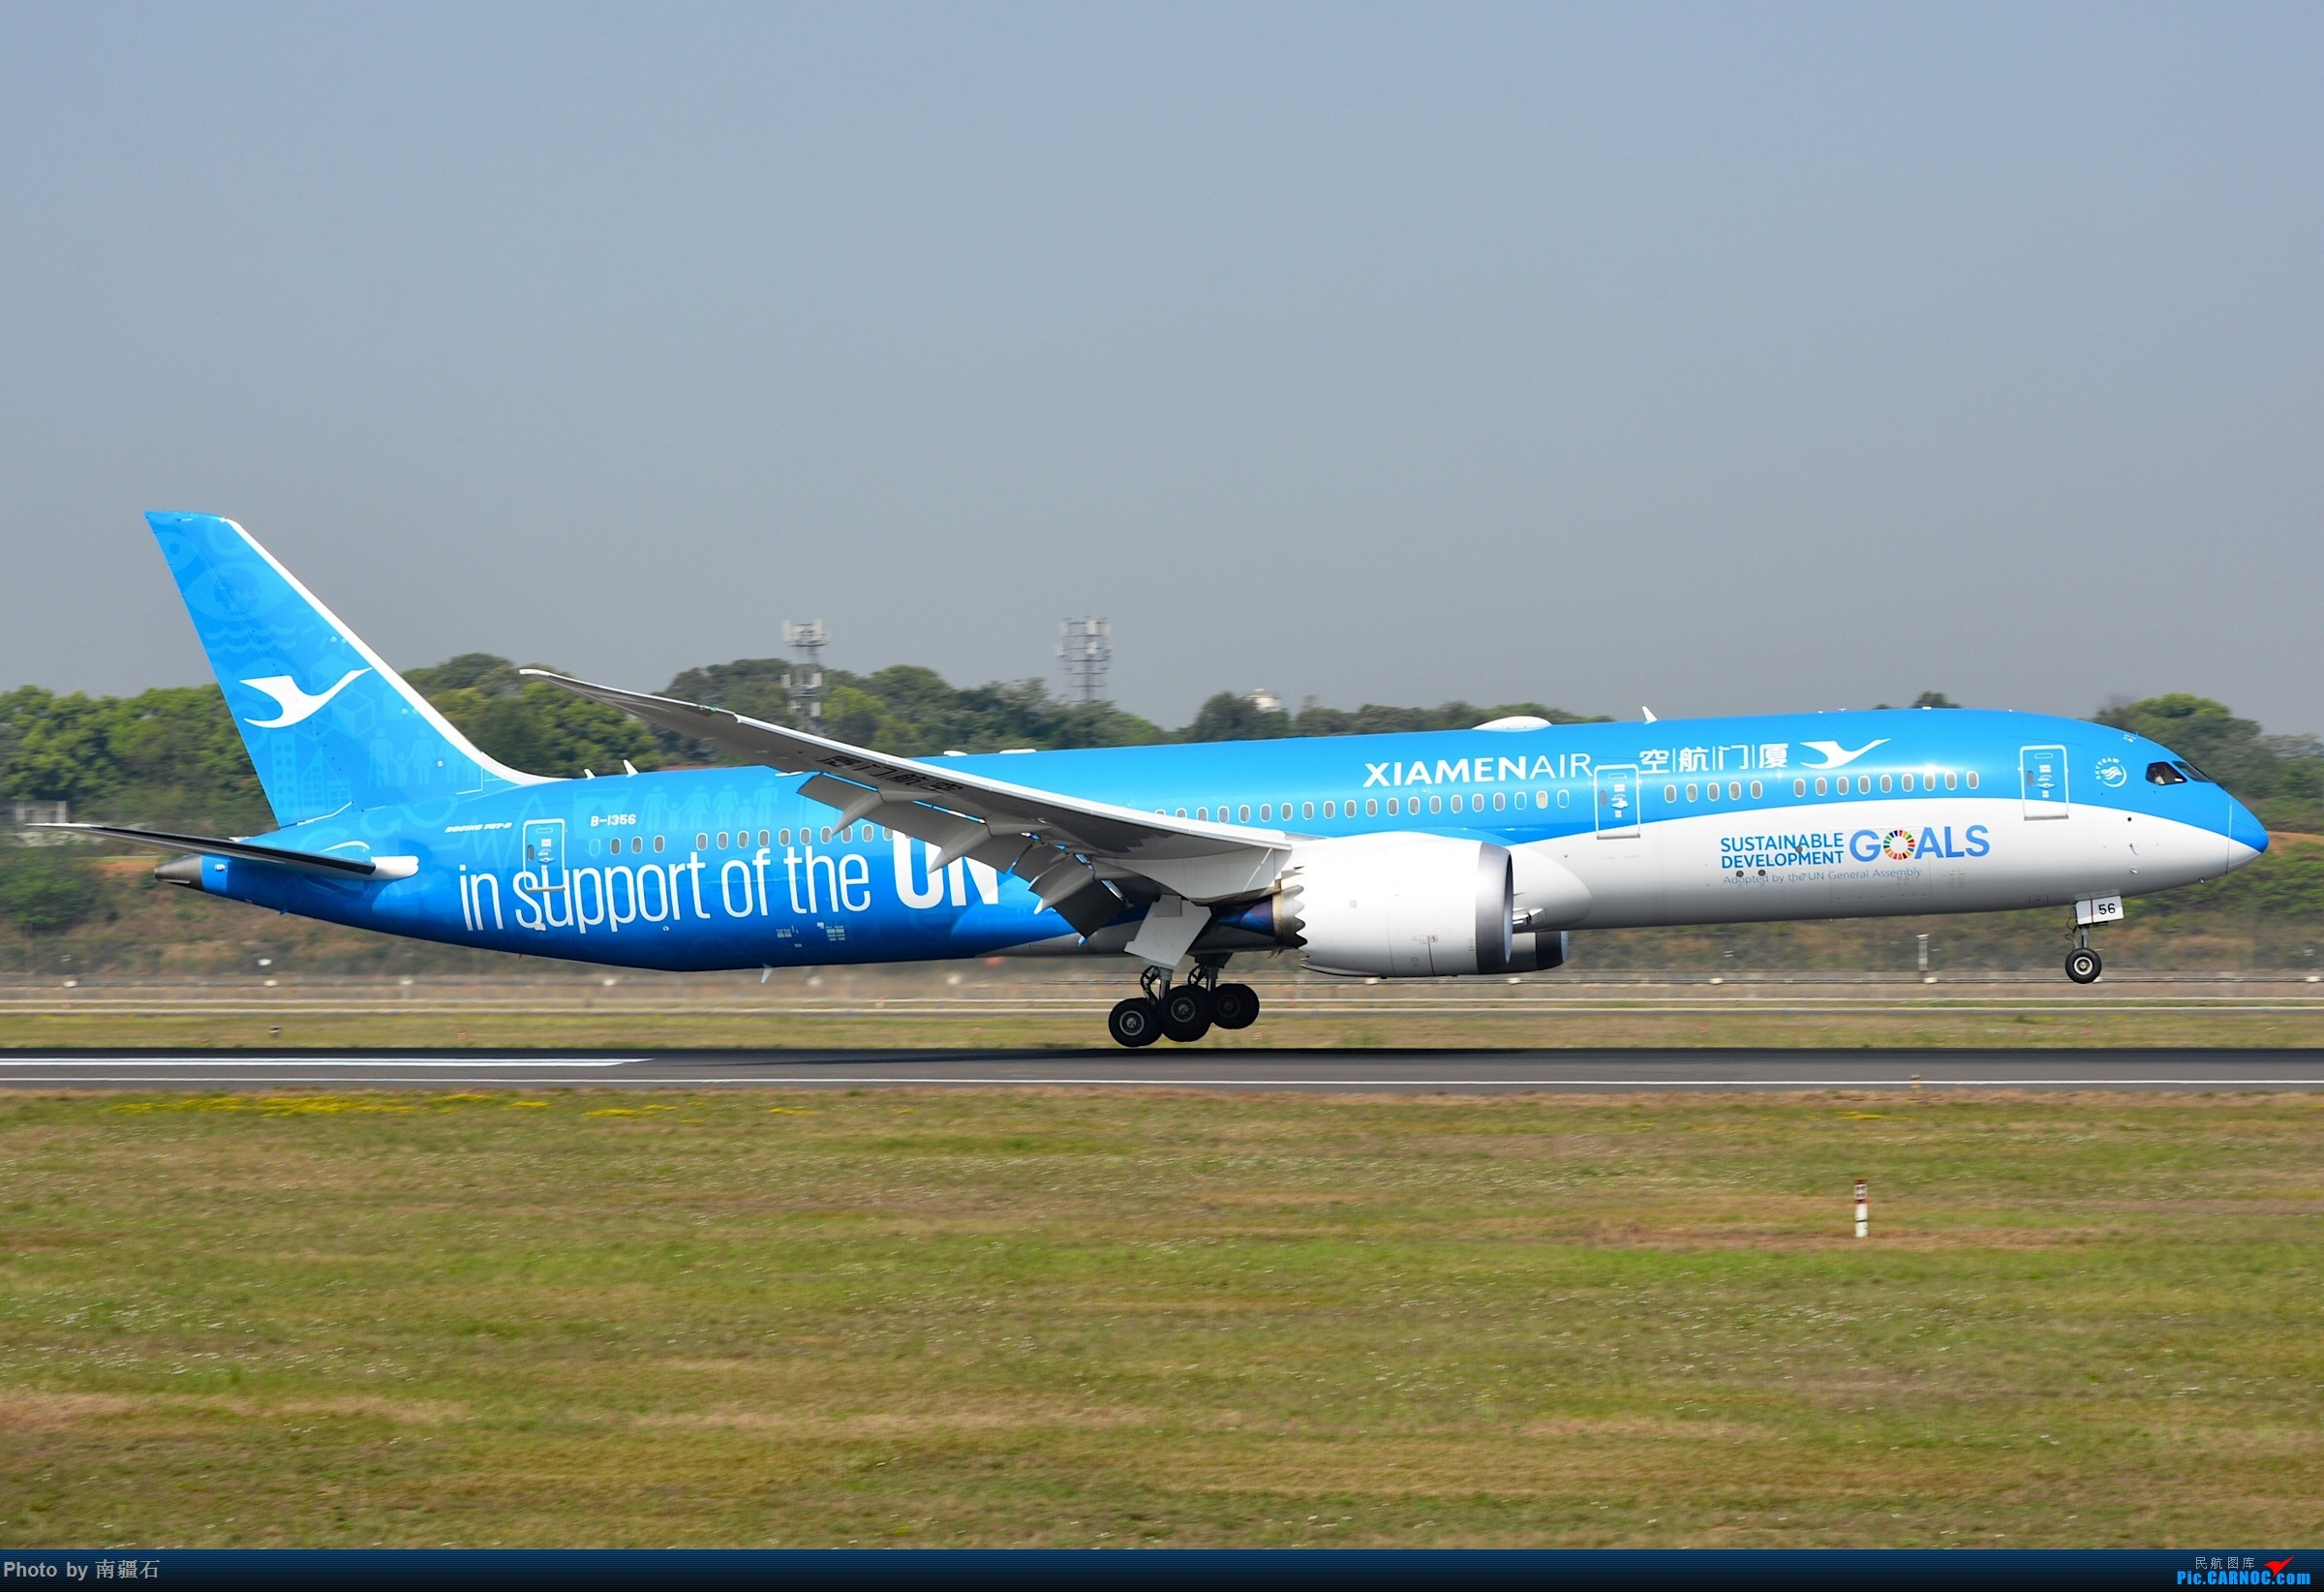 [原创]CTU 厦航UN可持续发展图标彩绘789左右两侧面 BOEING 787-9 B-1356 中国成都双流国际机场